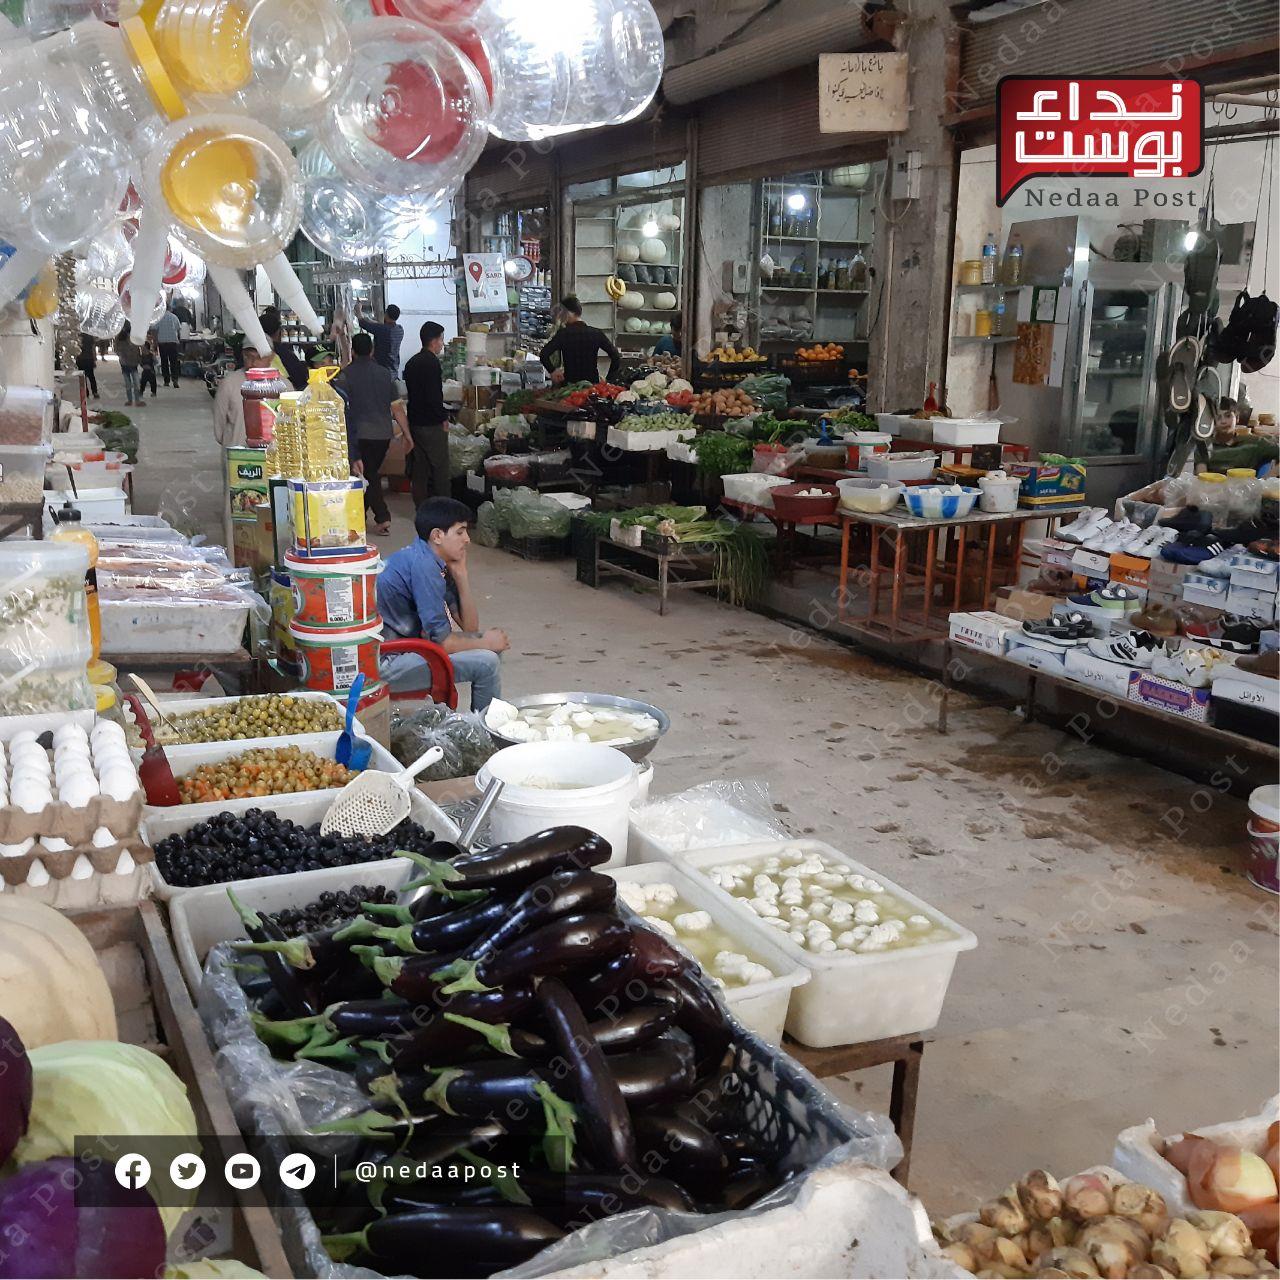 حكومة الإنقاذ تصدر قراراً بمنع دخول الباعة الجوالين إلى إدلب